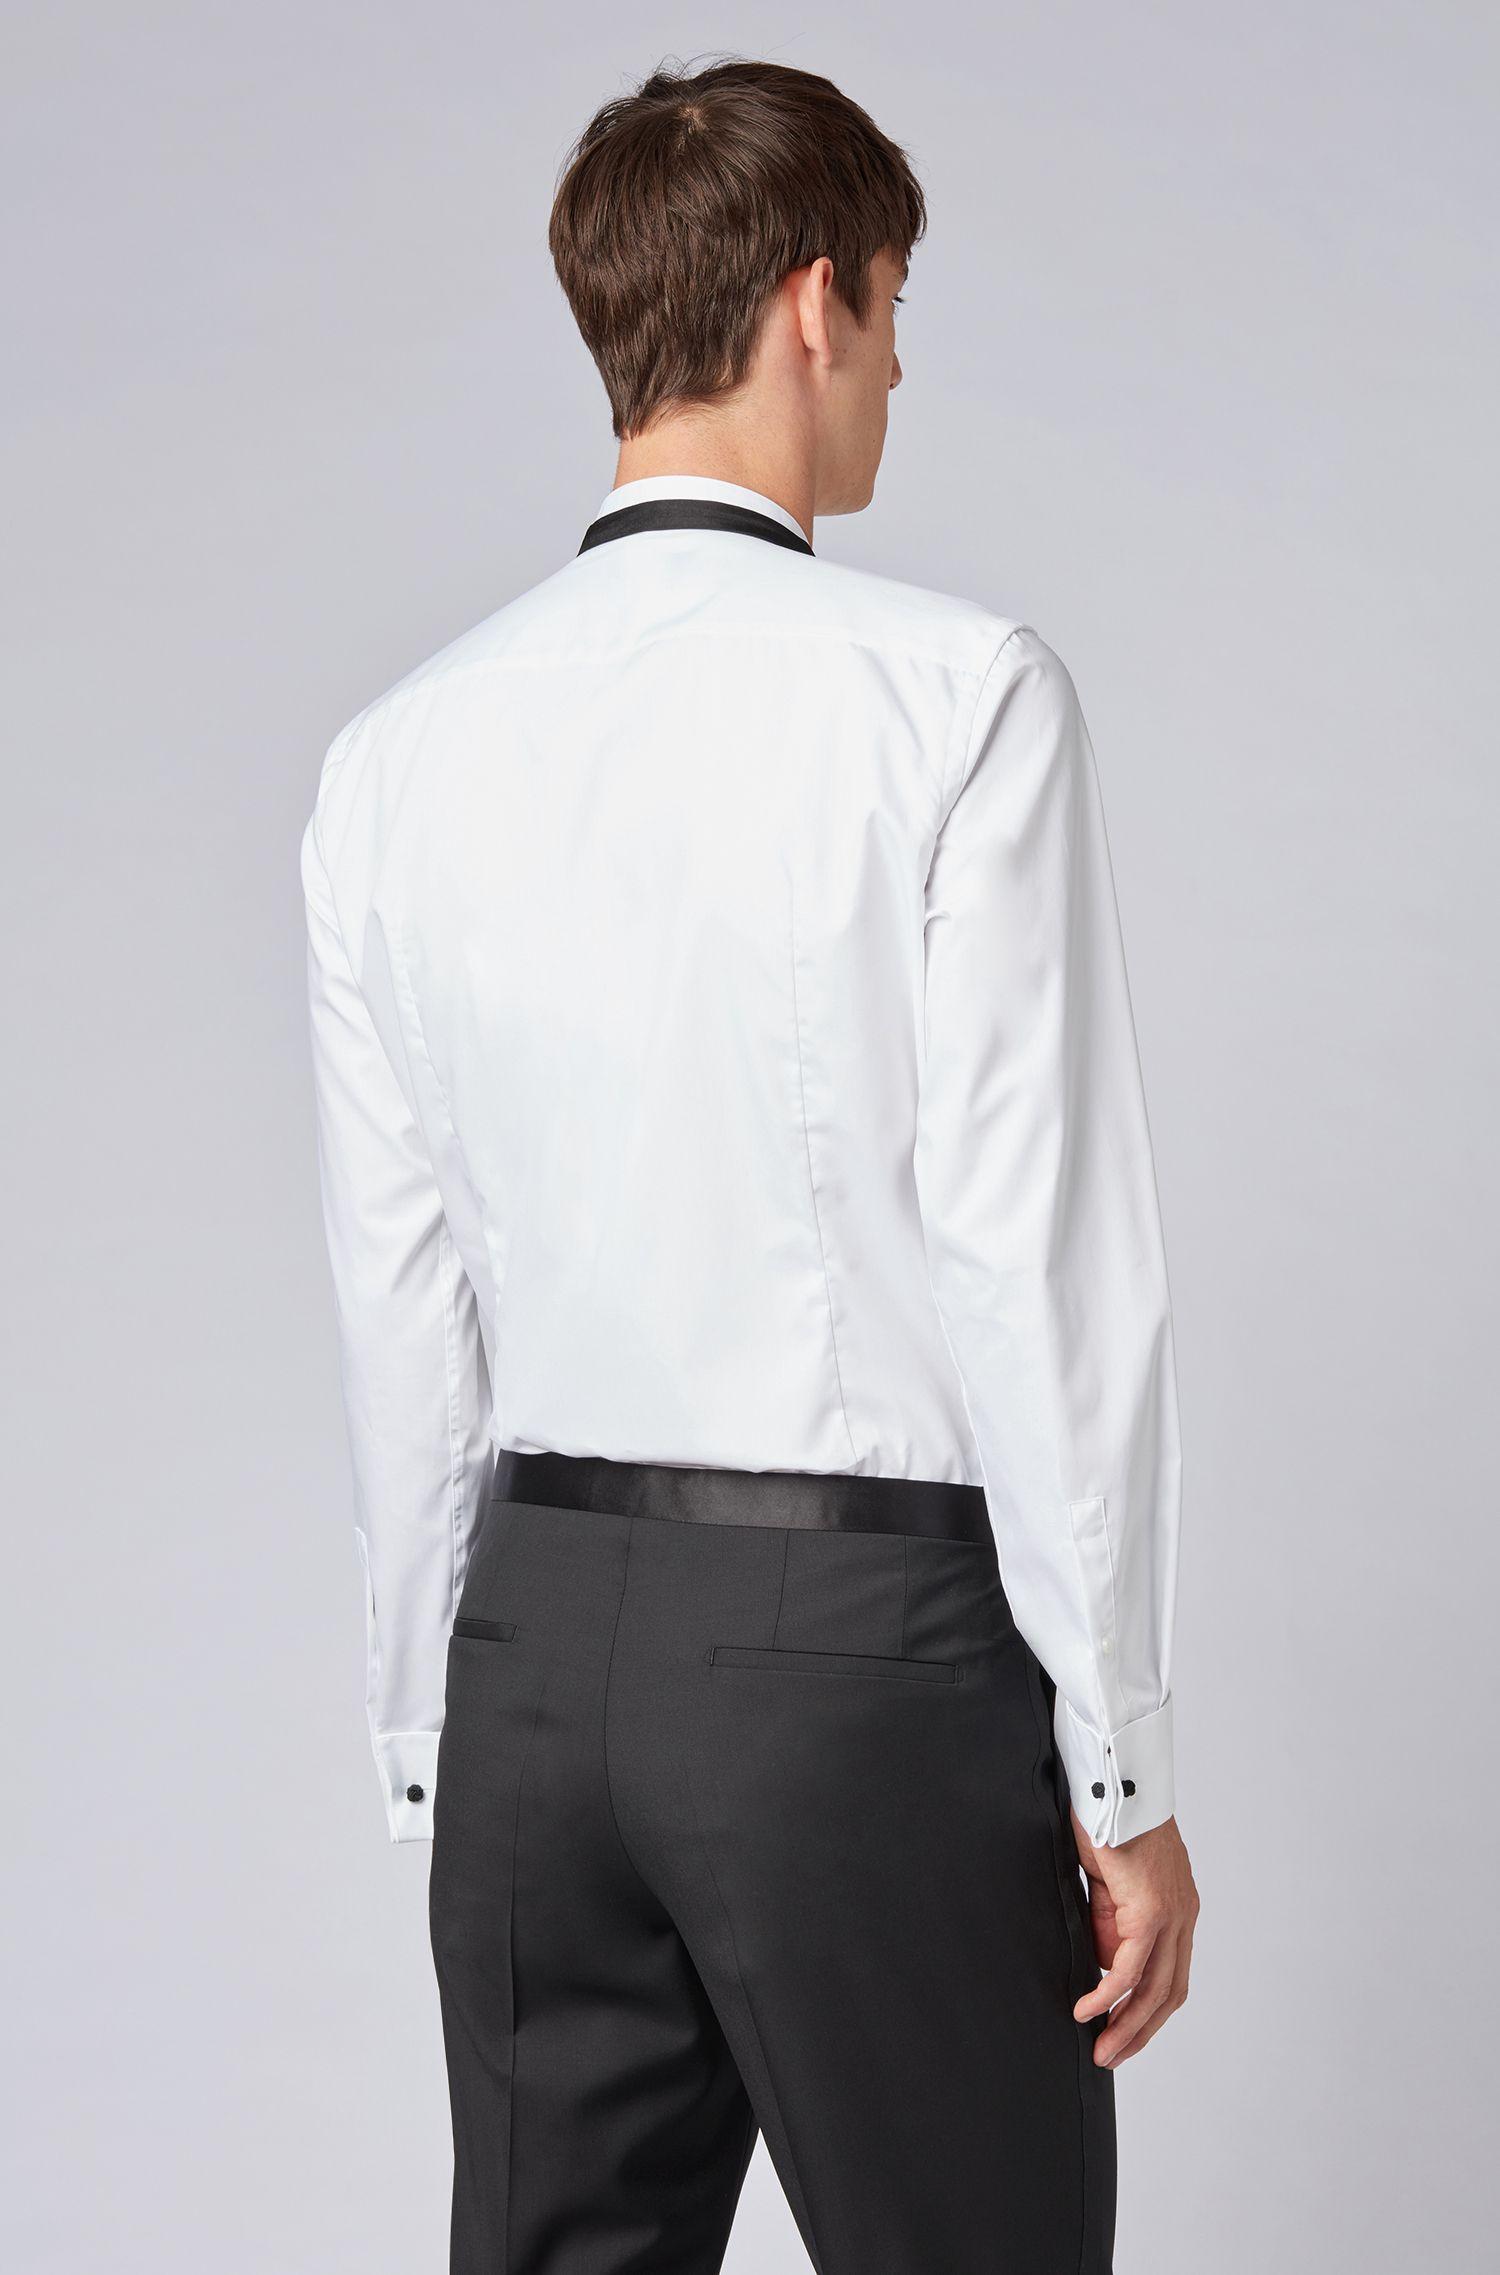 Camicia elegante slim fit in cotone facile da stirare realizzato in Austria, Bianco